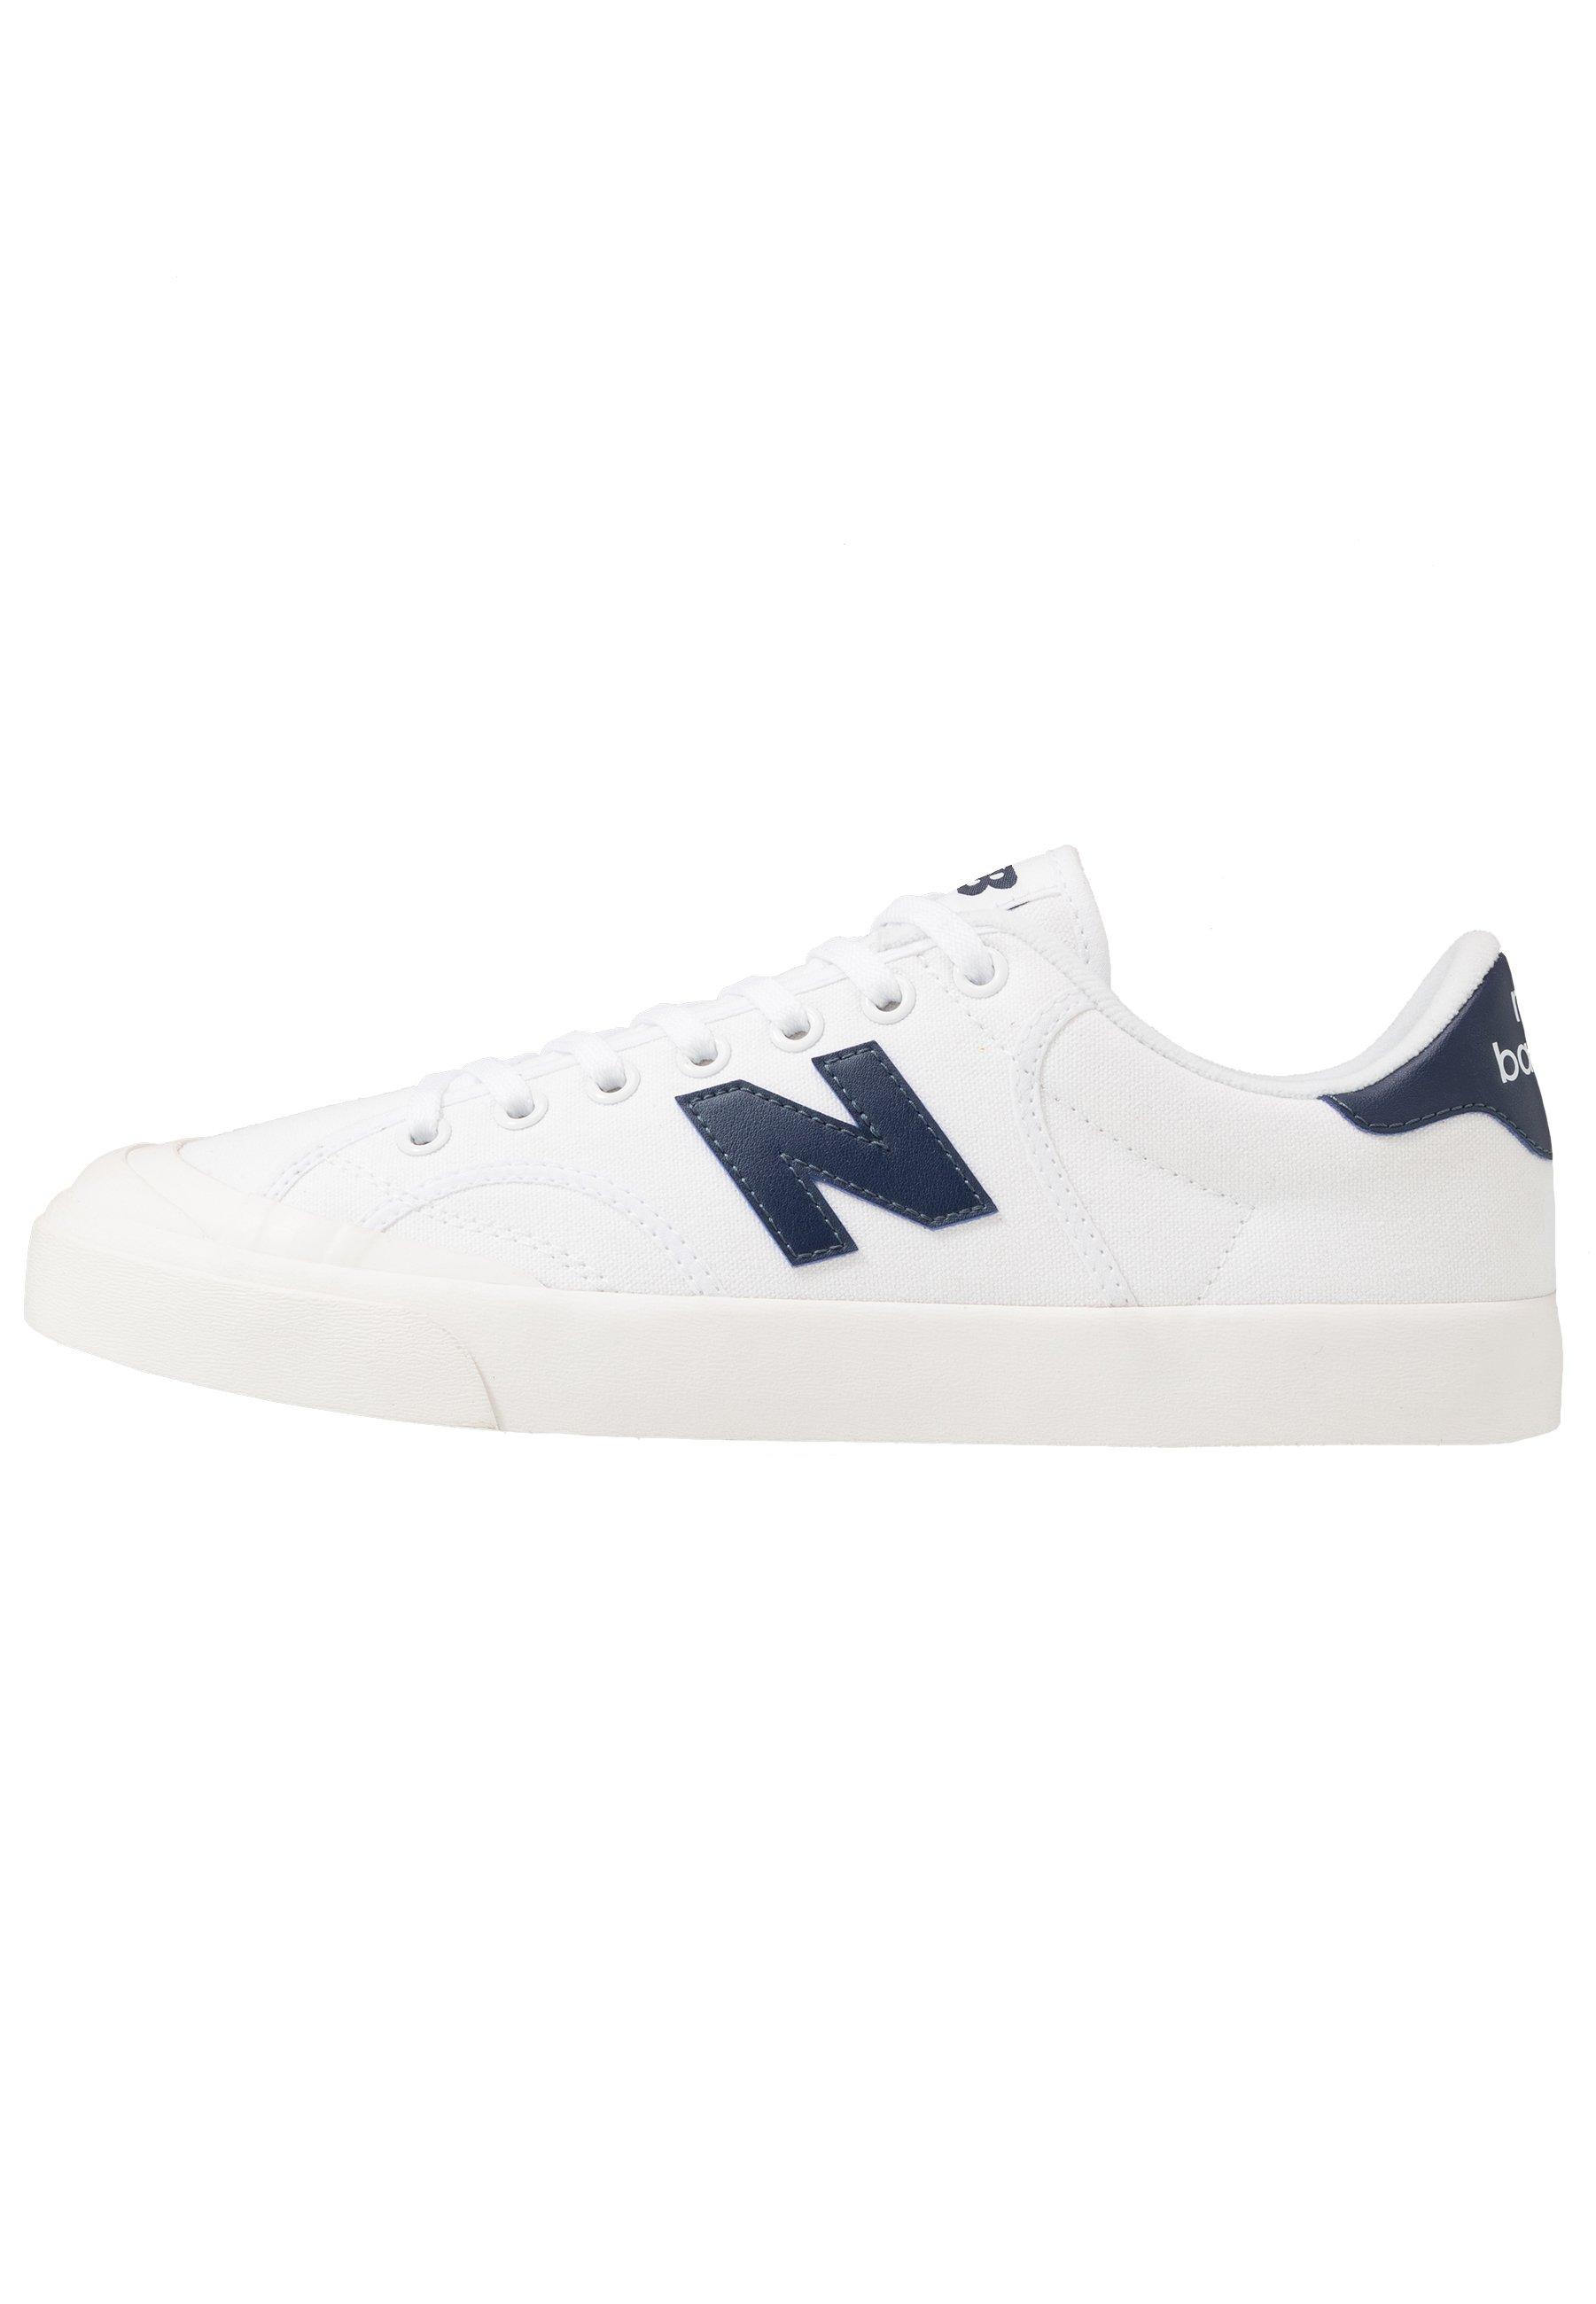 Sneakers da uomo | Disponibili su Zalando